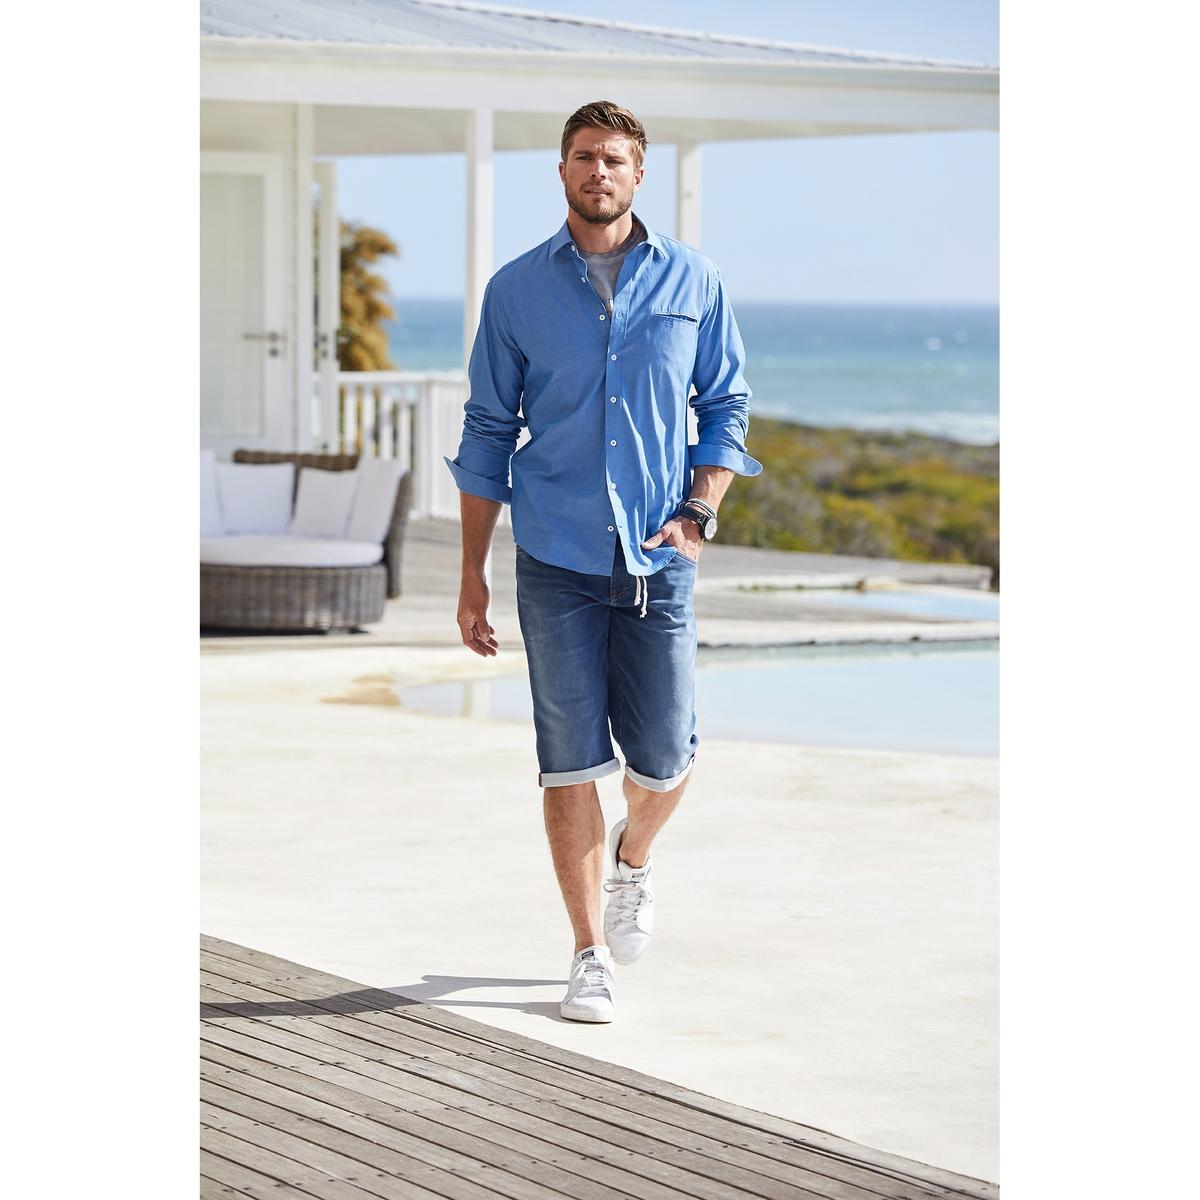 Рубашка однотонная с длинными рукавамиОписание:Детали •  Длинные рукава •  Прямой покрой  •  Классический воротникСостав и уход •  100% хлопок •  Следуйте советам по уходу, указанным на этикеткеТовар из коллекции больших размеров<br><br>Цвет: синий<br>Размер: 7XL